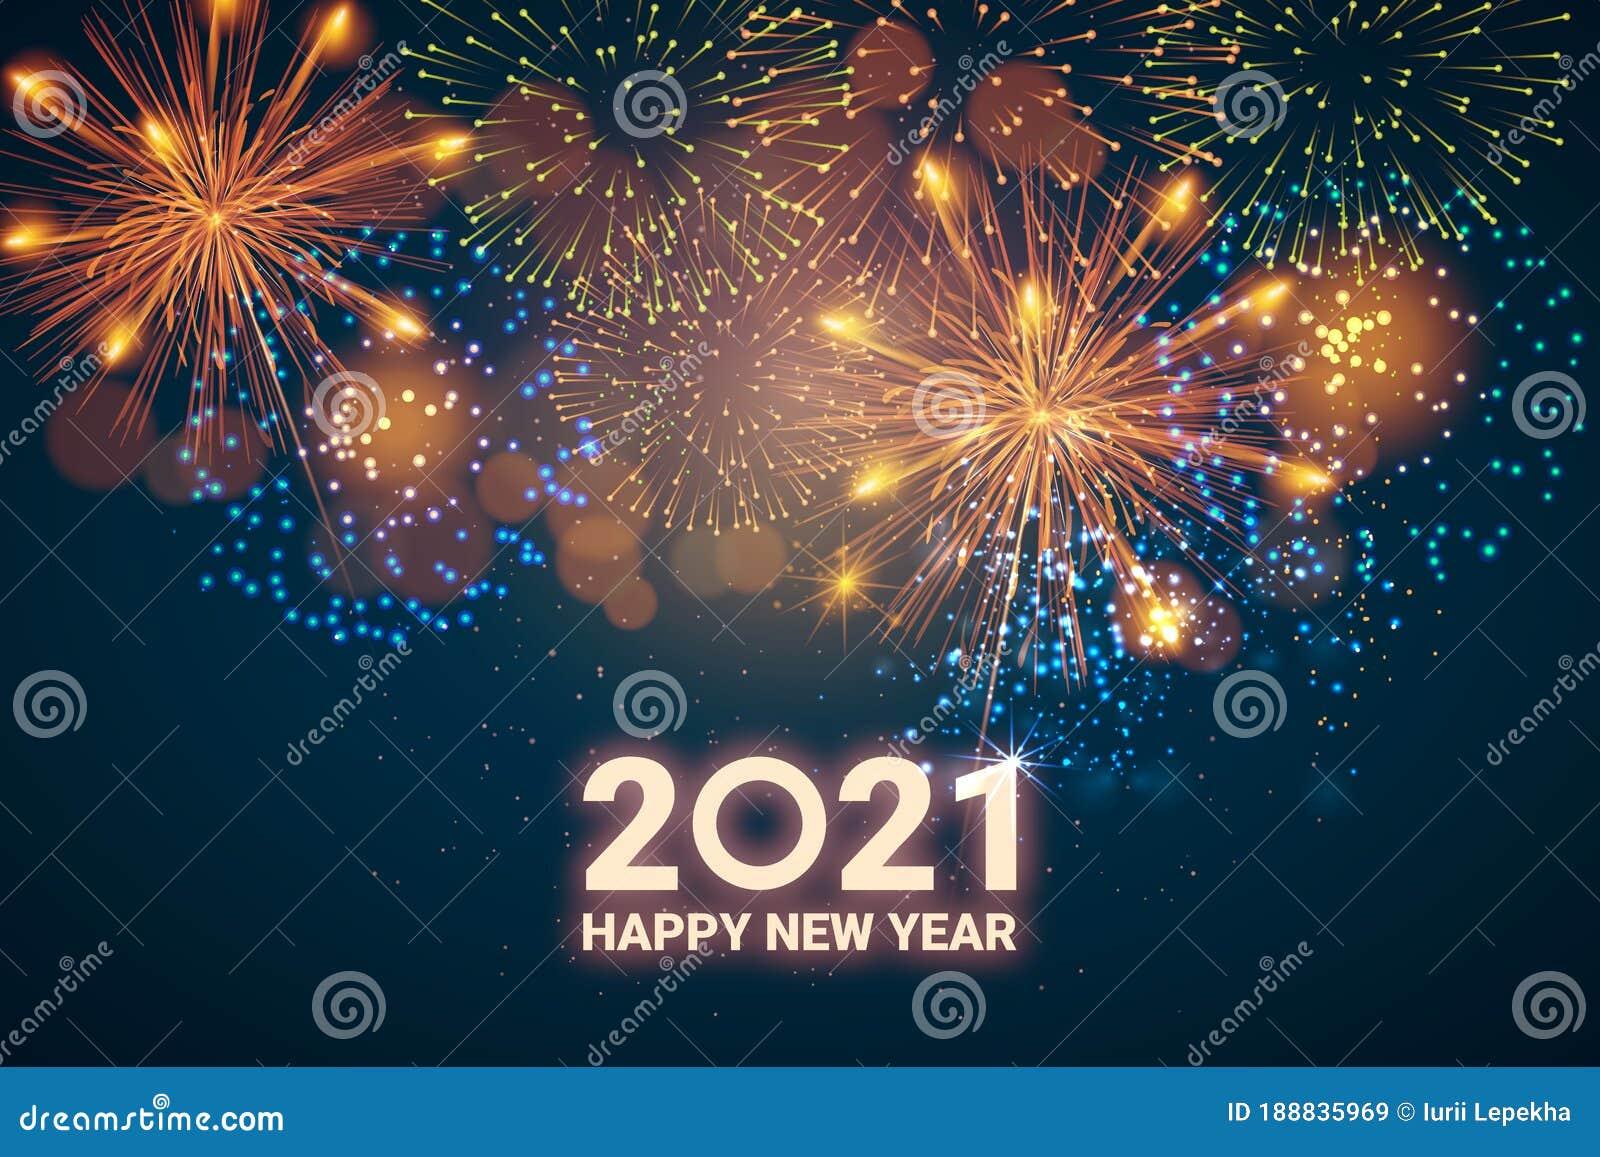 24 491 Happy New Year 2021 Photos Free Royalty Free Stock Photos From Dreamstime Happy new year 2021 😃🥳 #newyear2021 #happynewyear2021 #happynewyear2021wishes #happynewyear2021messages #happynewyear2021images #happynewyear2021photo. dreamstime com